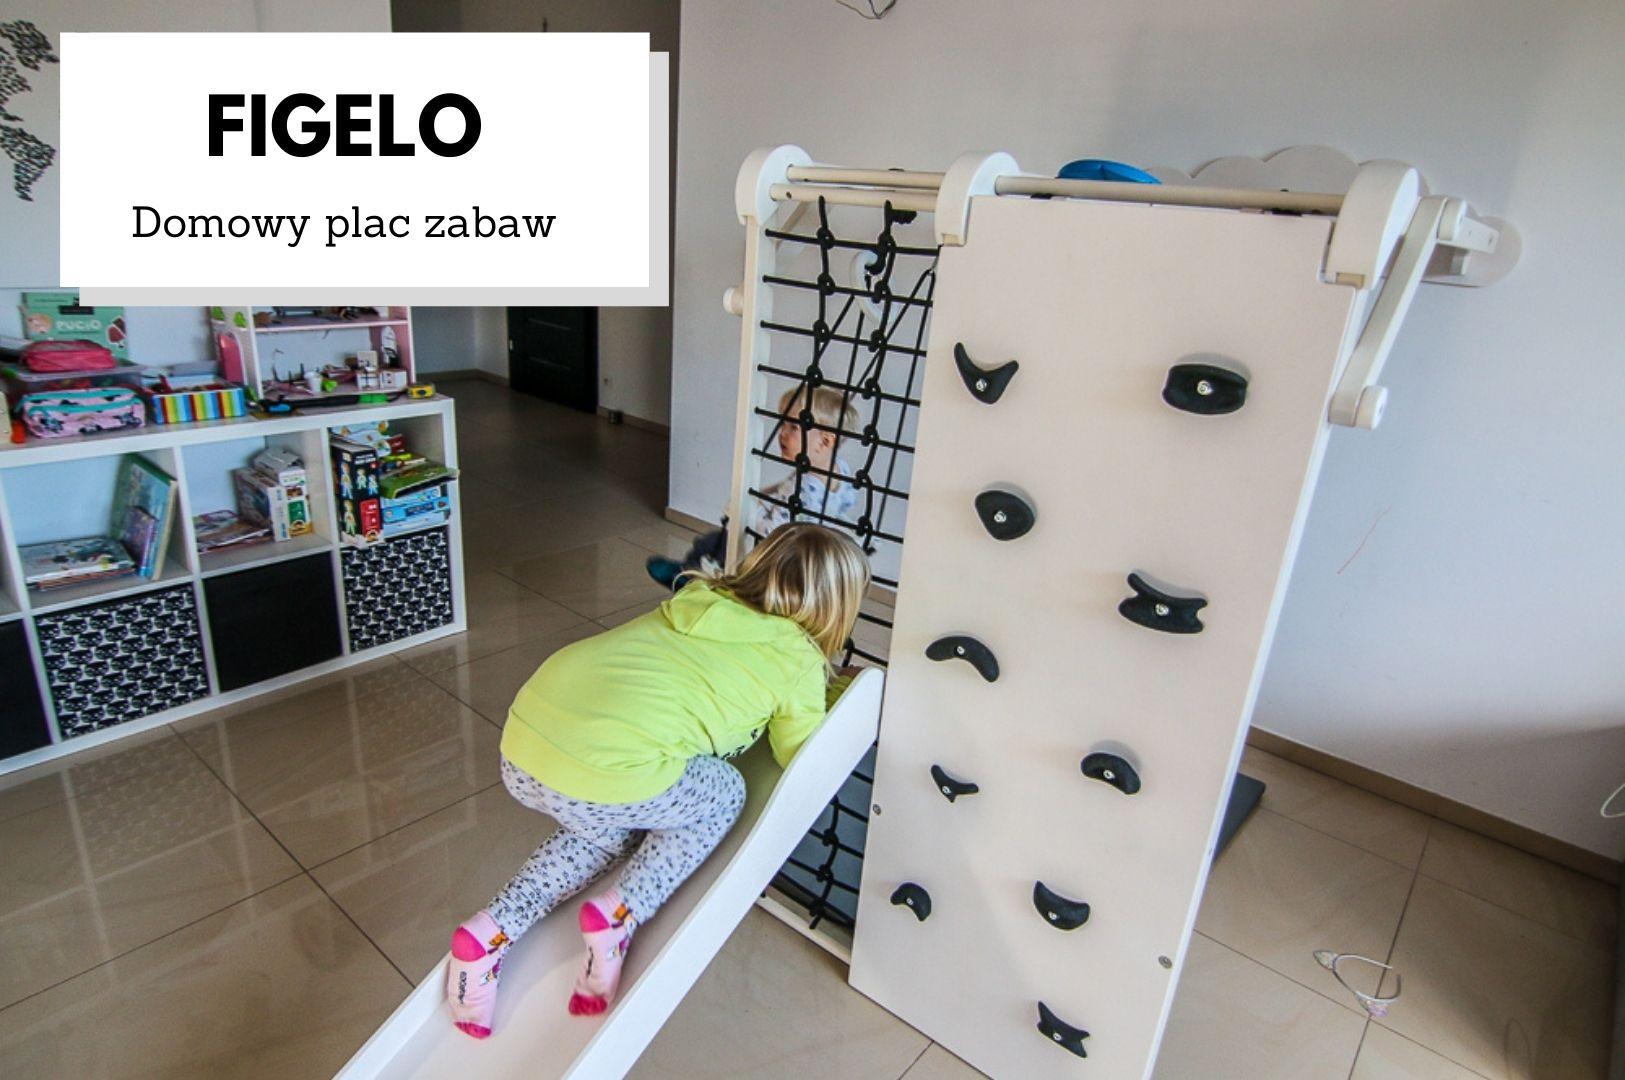 Figelo_domowy_plac_zabaw